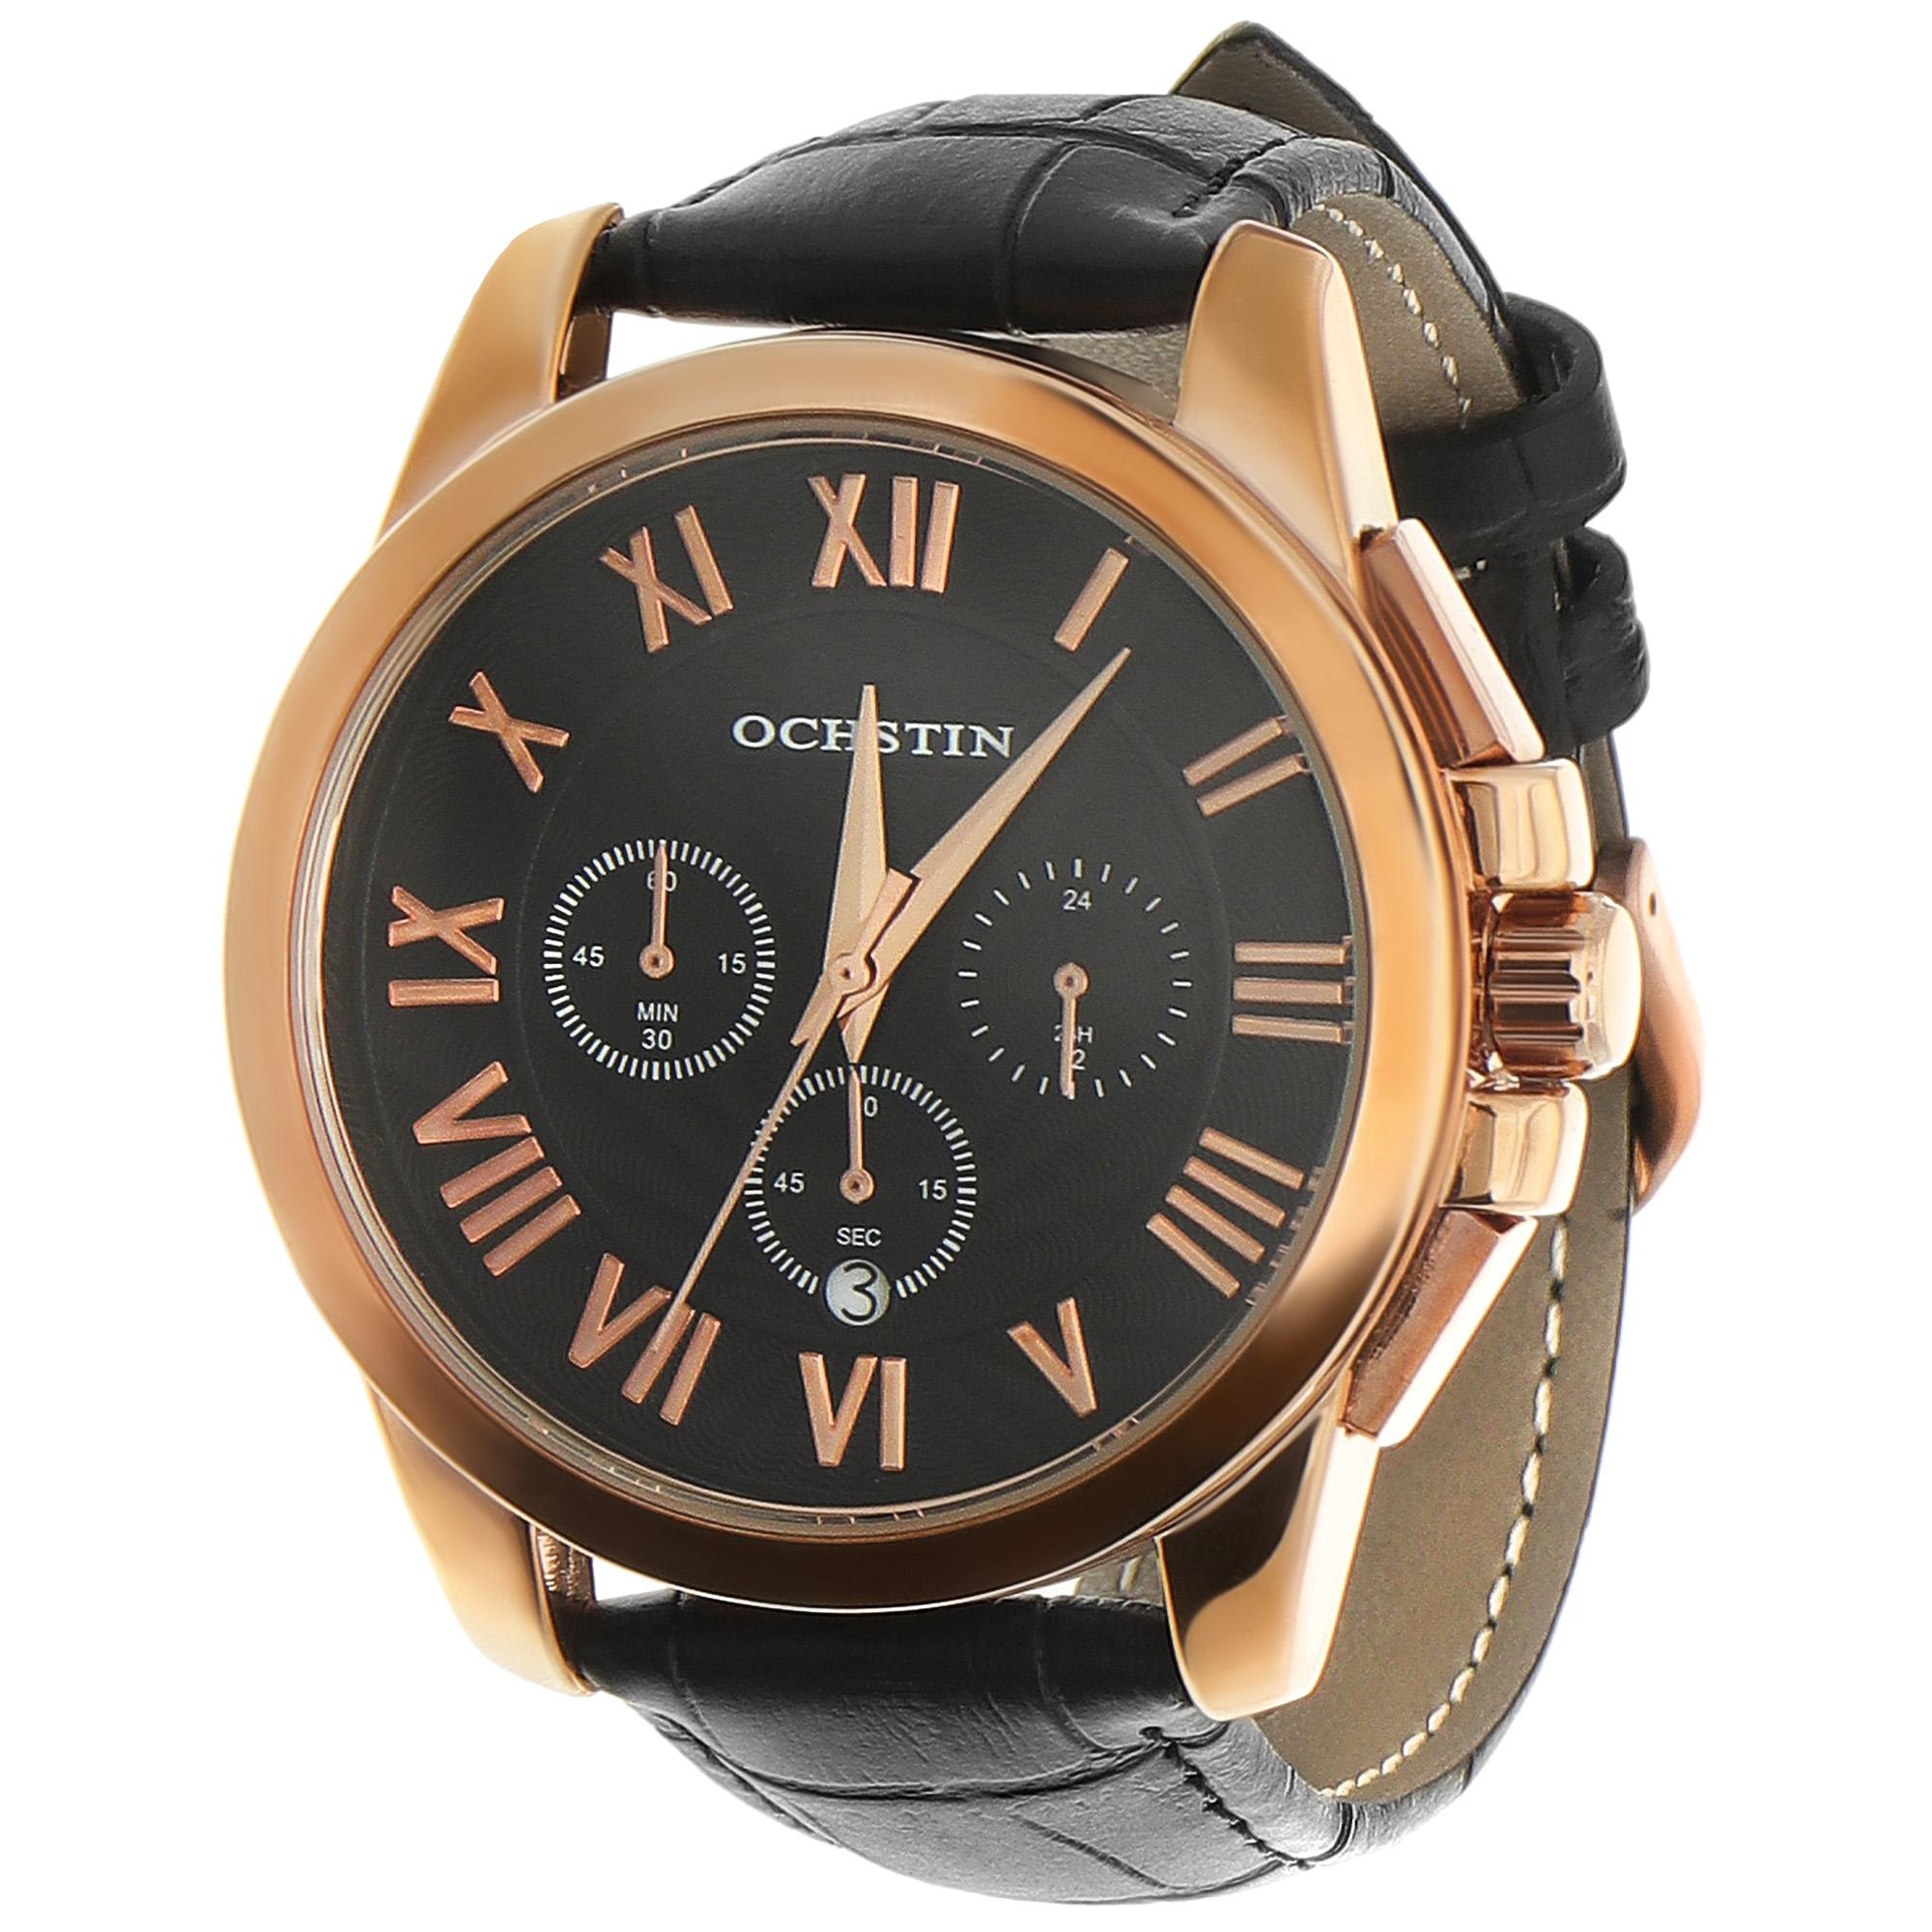 Часы наручные Ochstin AGSD381801 часы наручные shiyi watch ochstin agsda050119